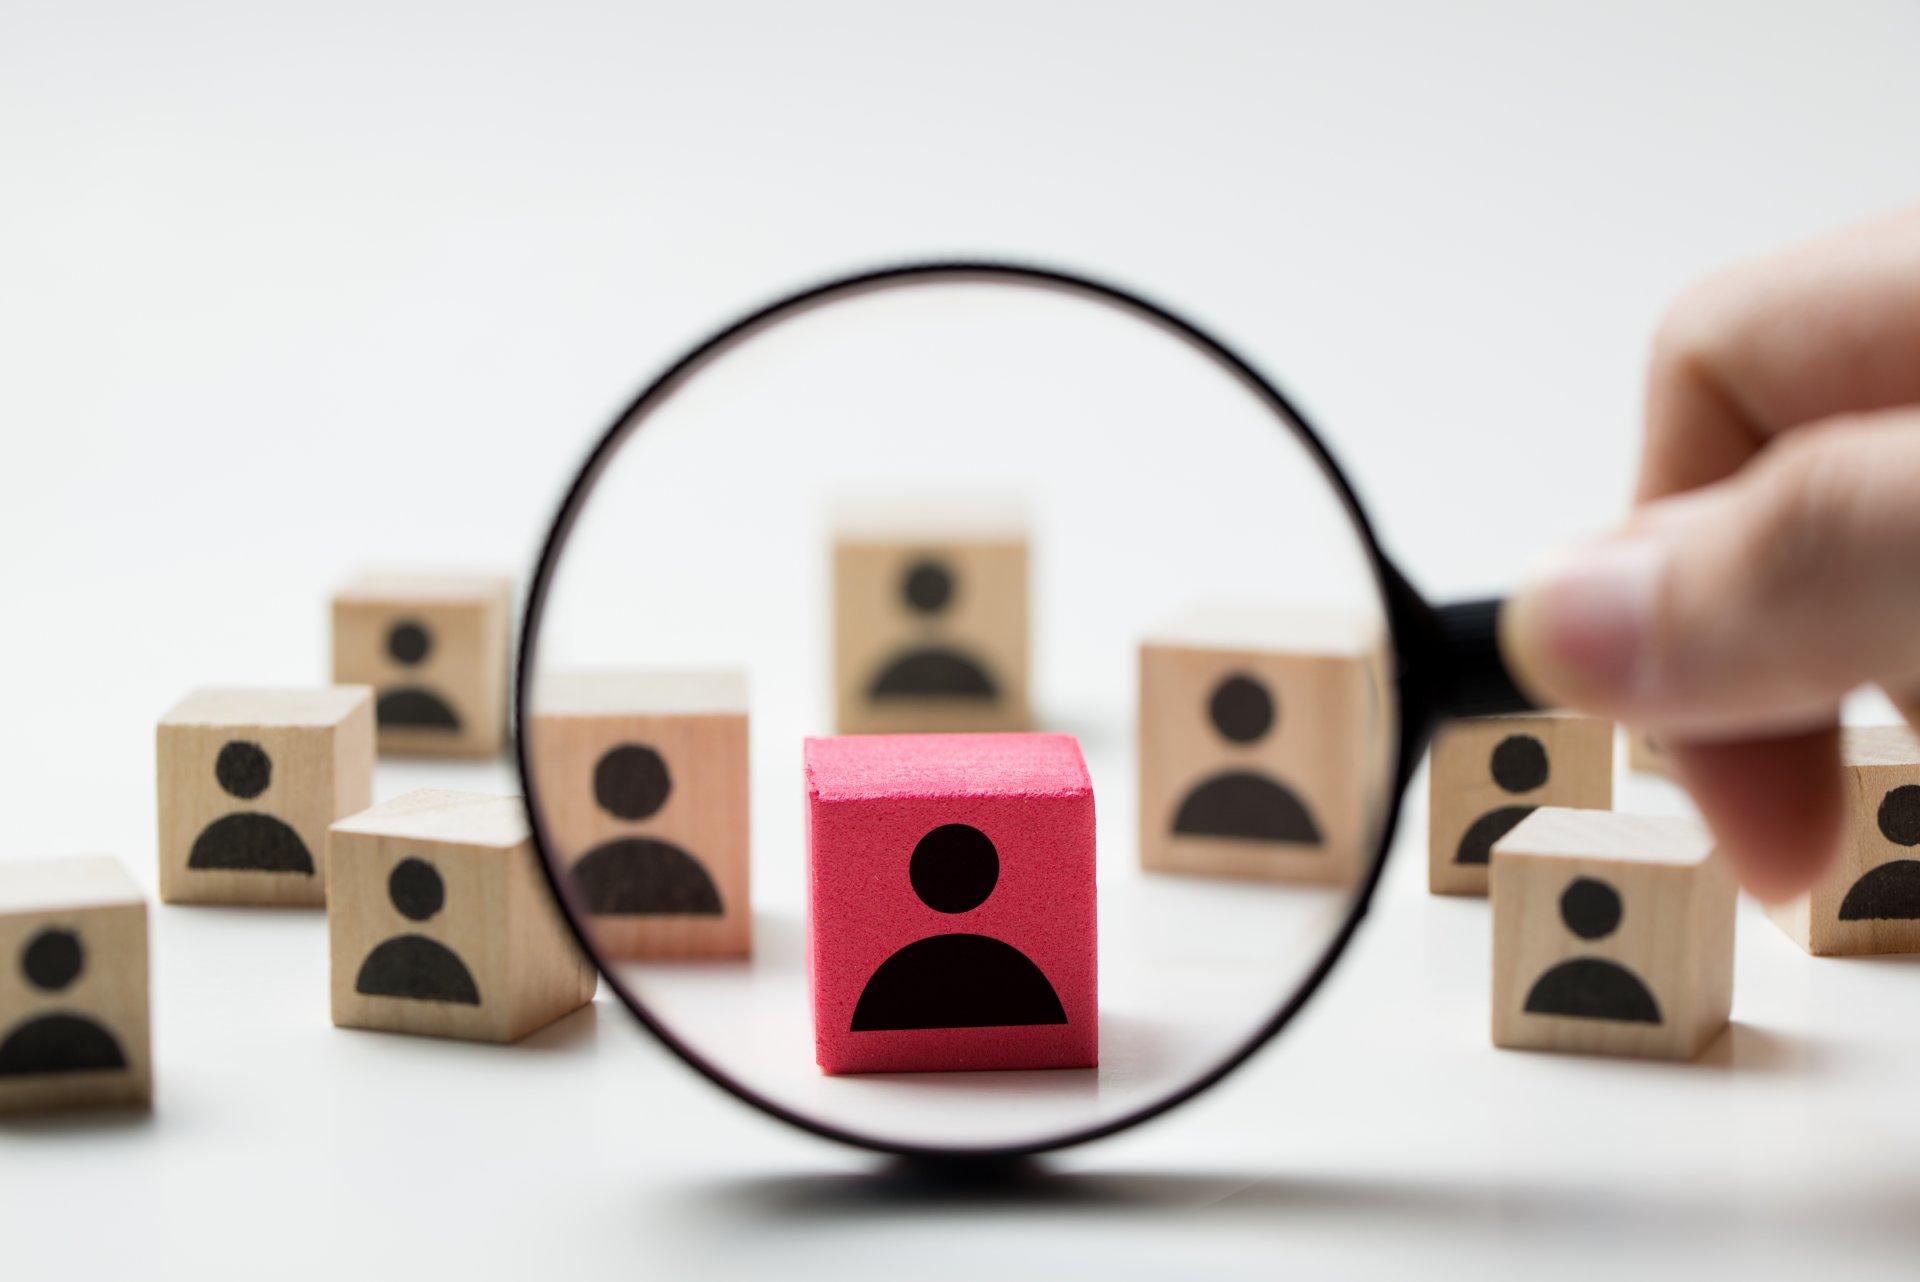 Танай байгууллага шилдэг ажилтнаа хадгалж үлдэх арга замыг хайж байна уу?